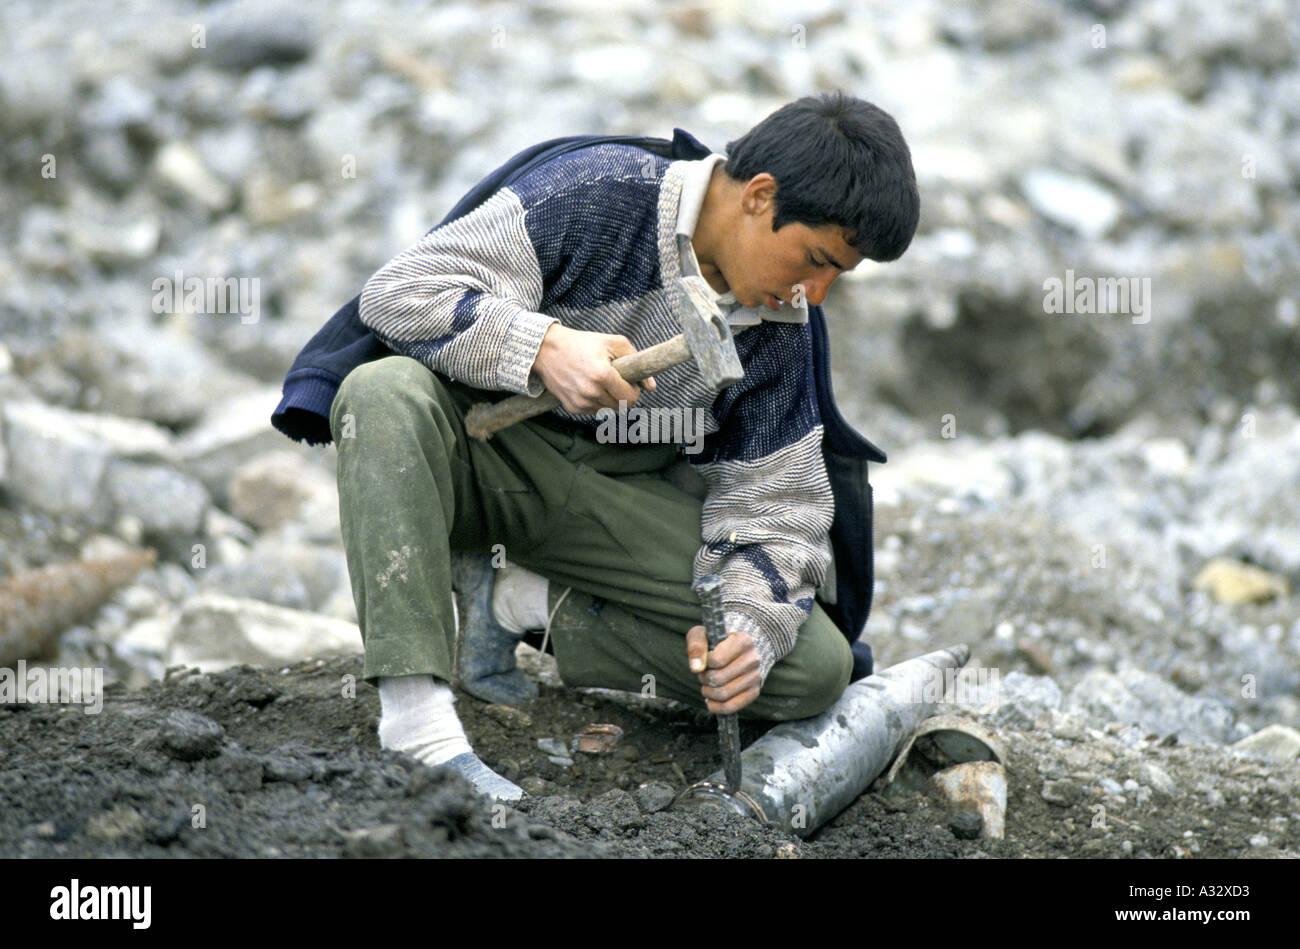 Colpo di Martello: un ragazzo cerca di rimuovere la banda di ottoni da una bomba live in, Diyana Molla, Kurdistan iracheno. Immagini Stock